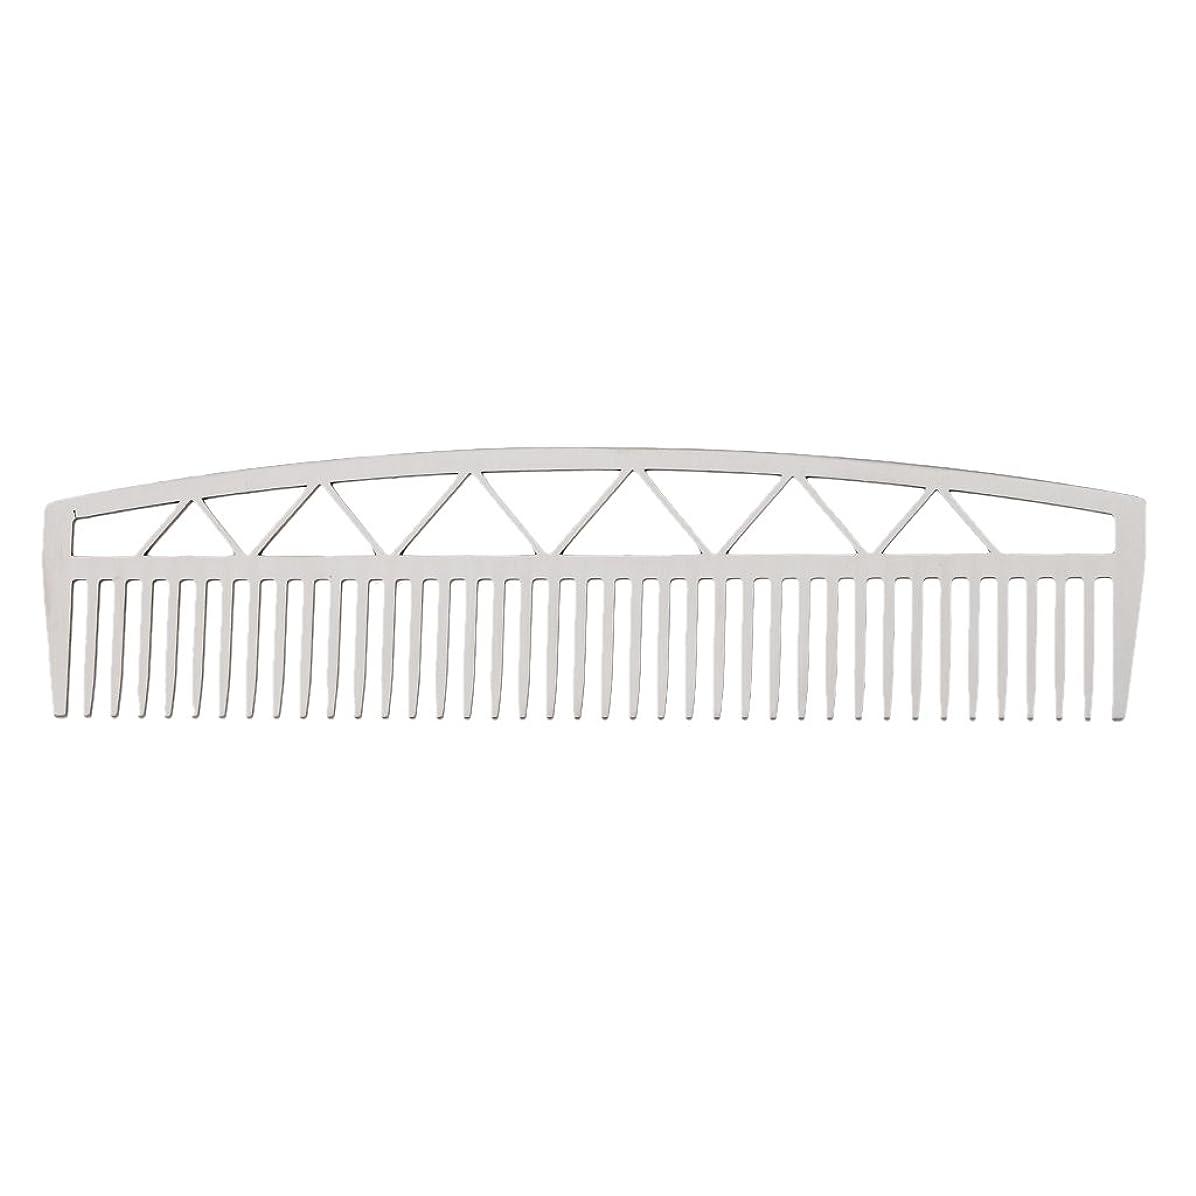 勤勉な迷路準備するビアードコーム ヘアコーム ステンレス鋼 ひげ櫛 メンズ 便利 2タイプ - #2